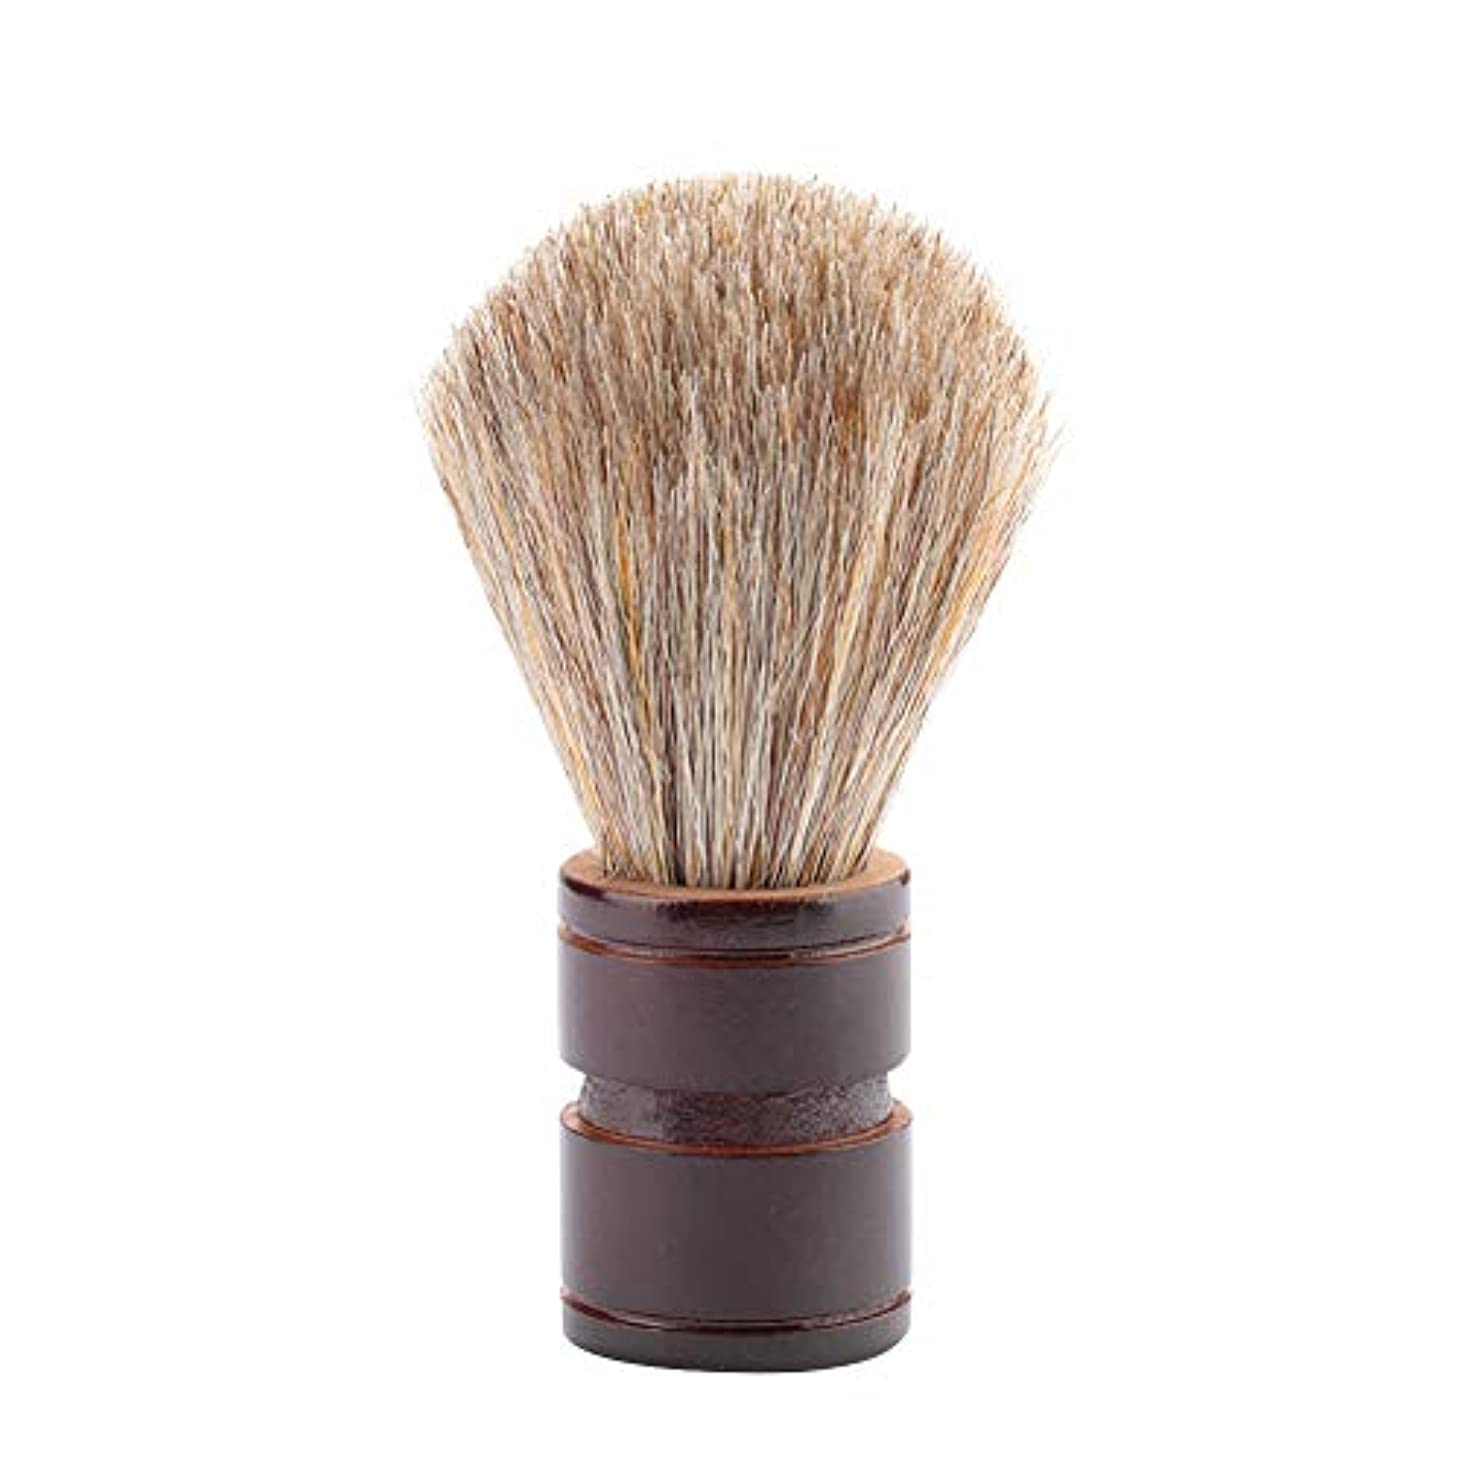 違う近傍誠実ひげブラシ、2色オプションのポータブルプレミアム品質ブラシ男性のためのひげのケアツール美容院と家庭用缶(ヘム+馬毛)